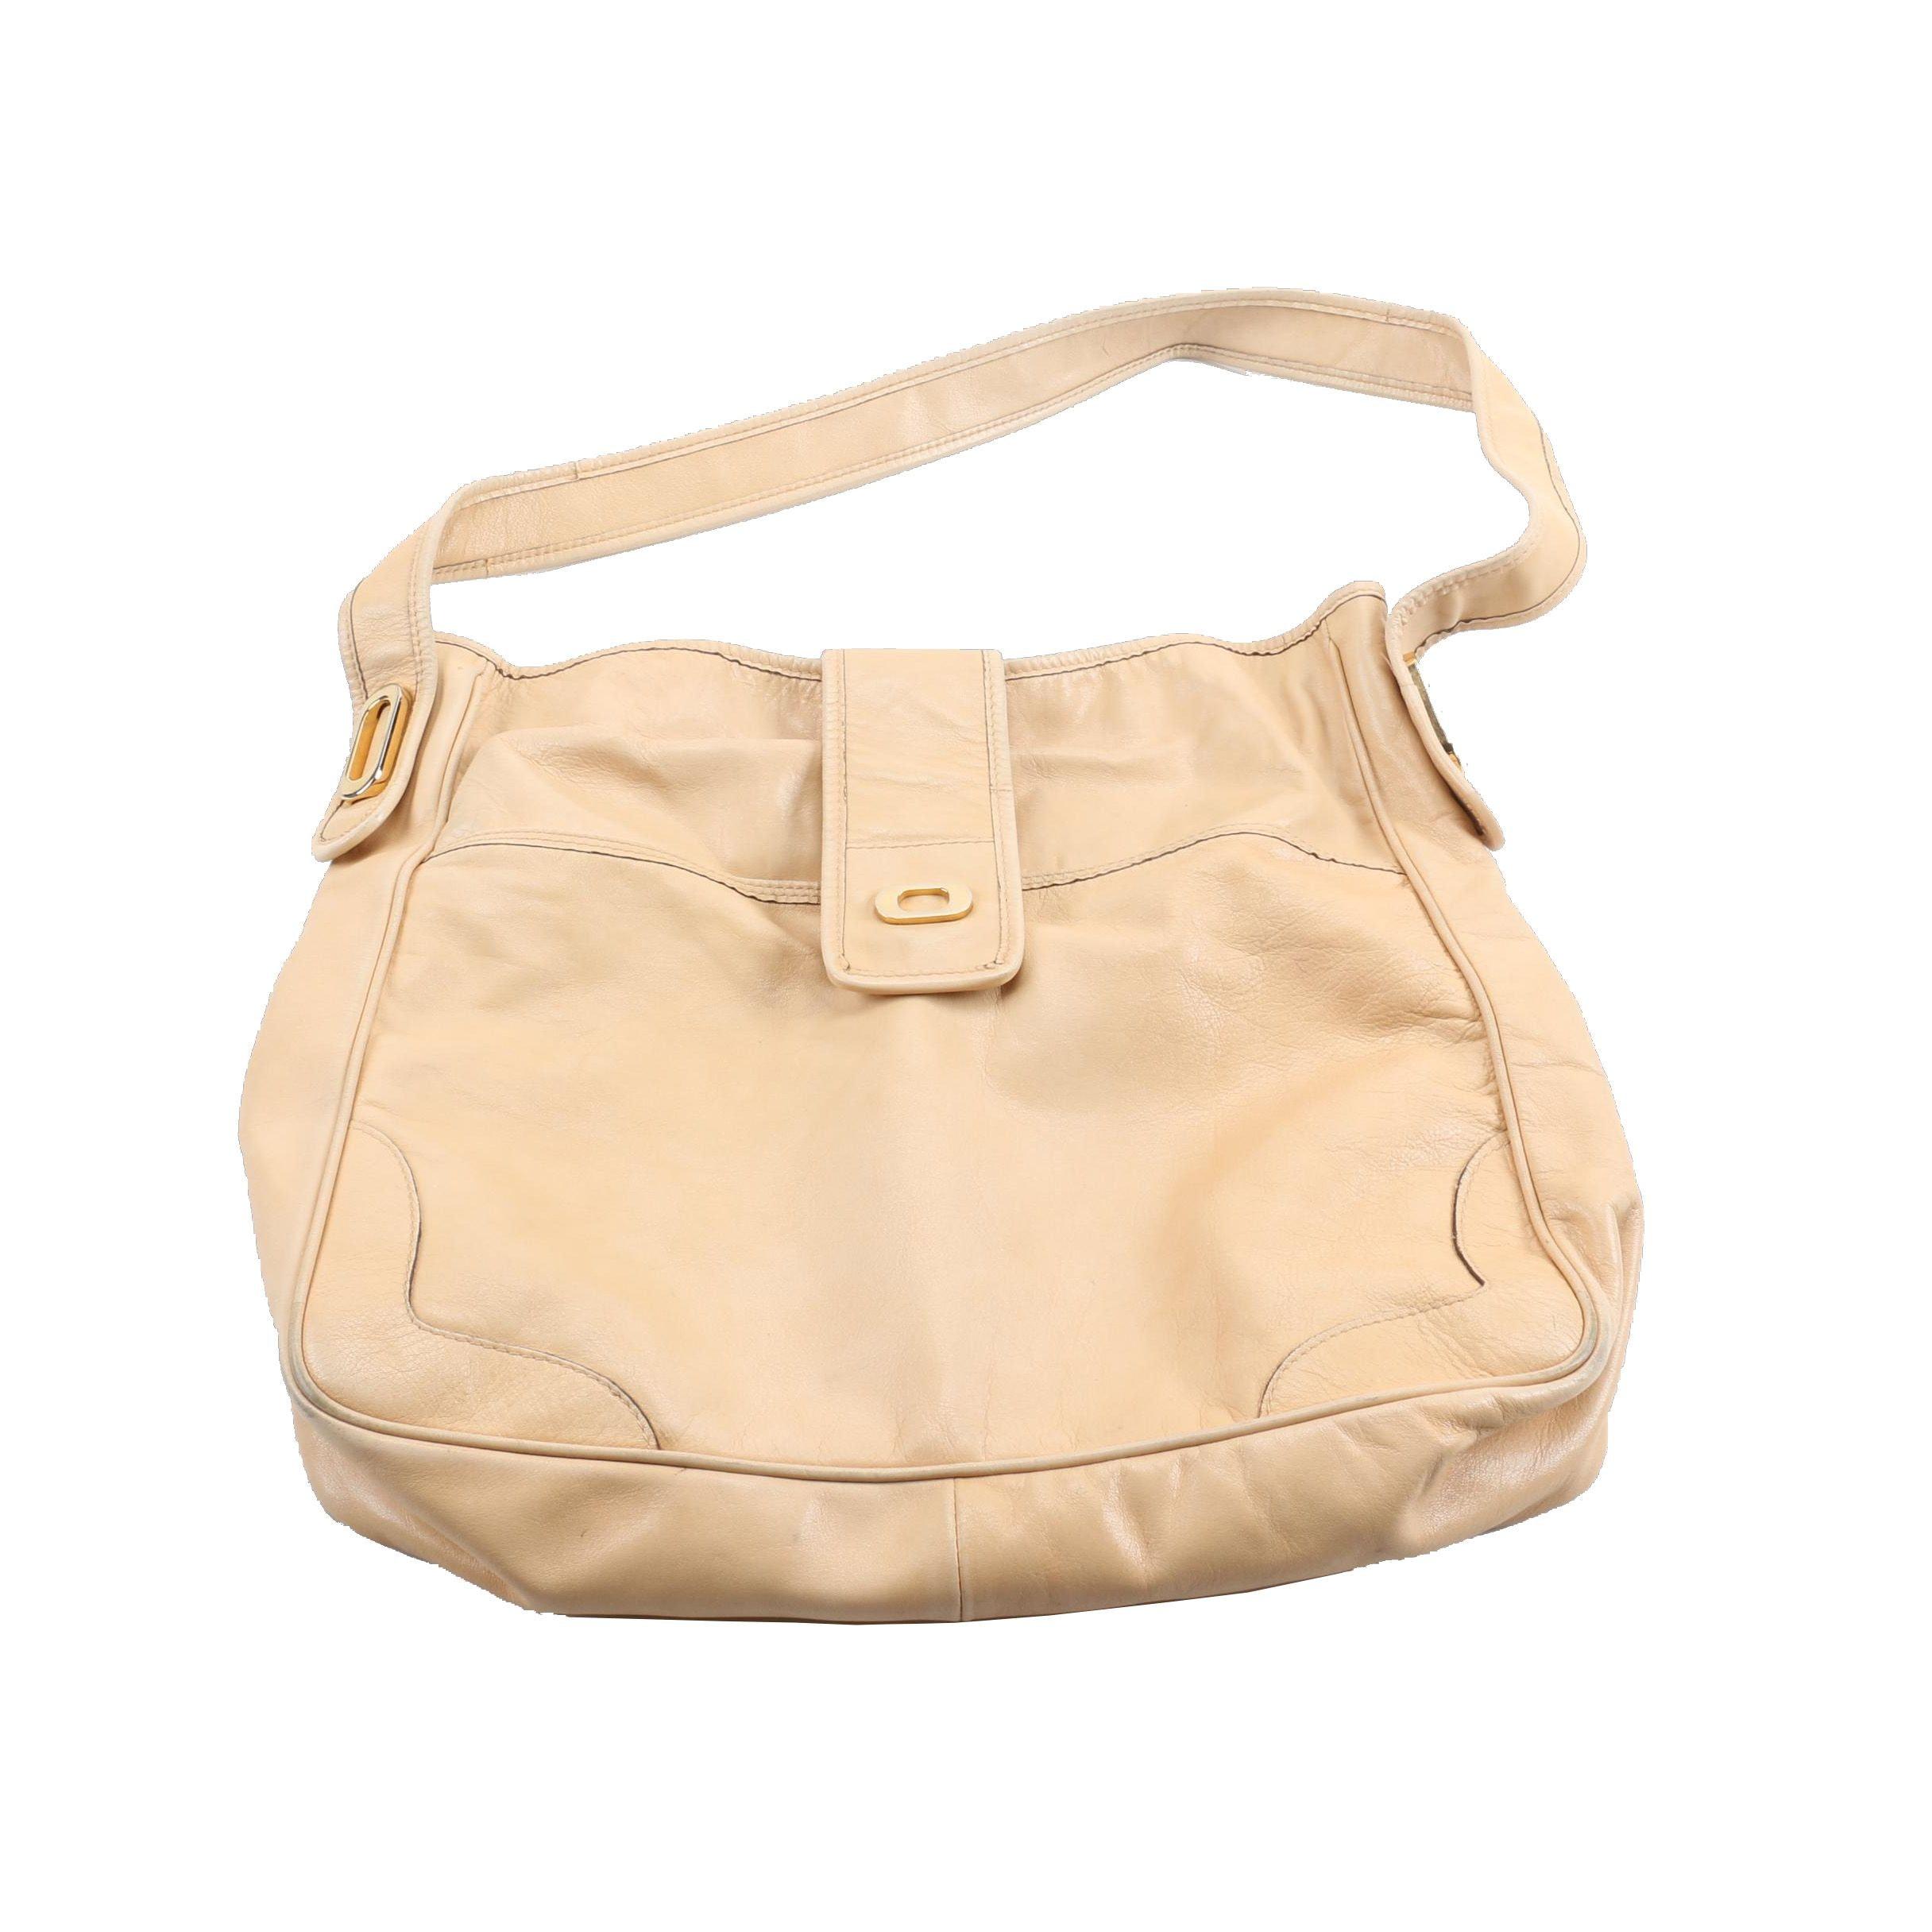 Battaglia Leather Shoulder Bag